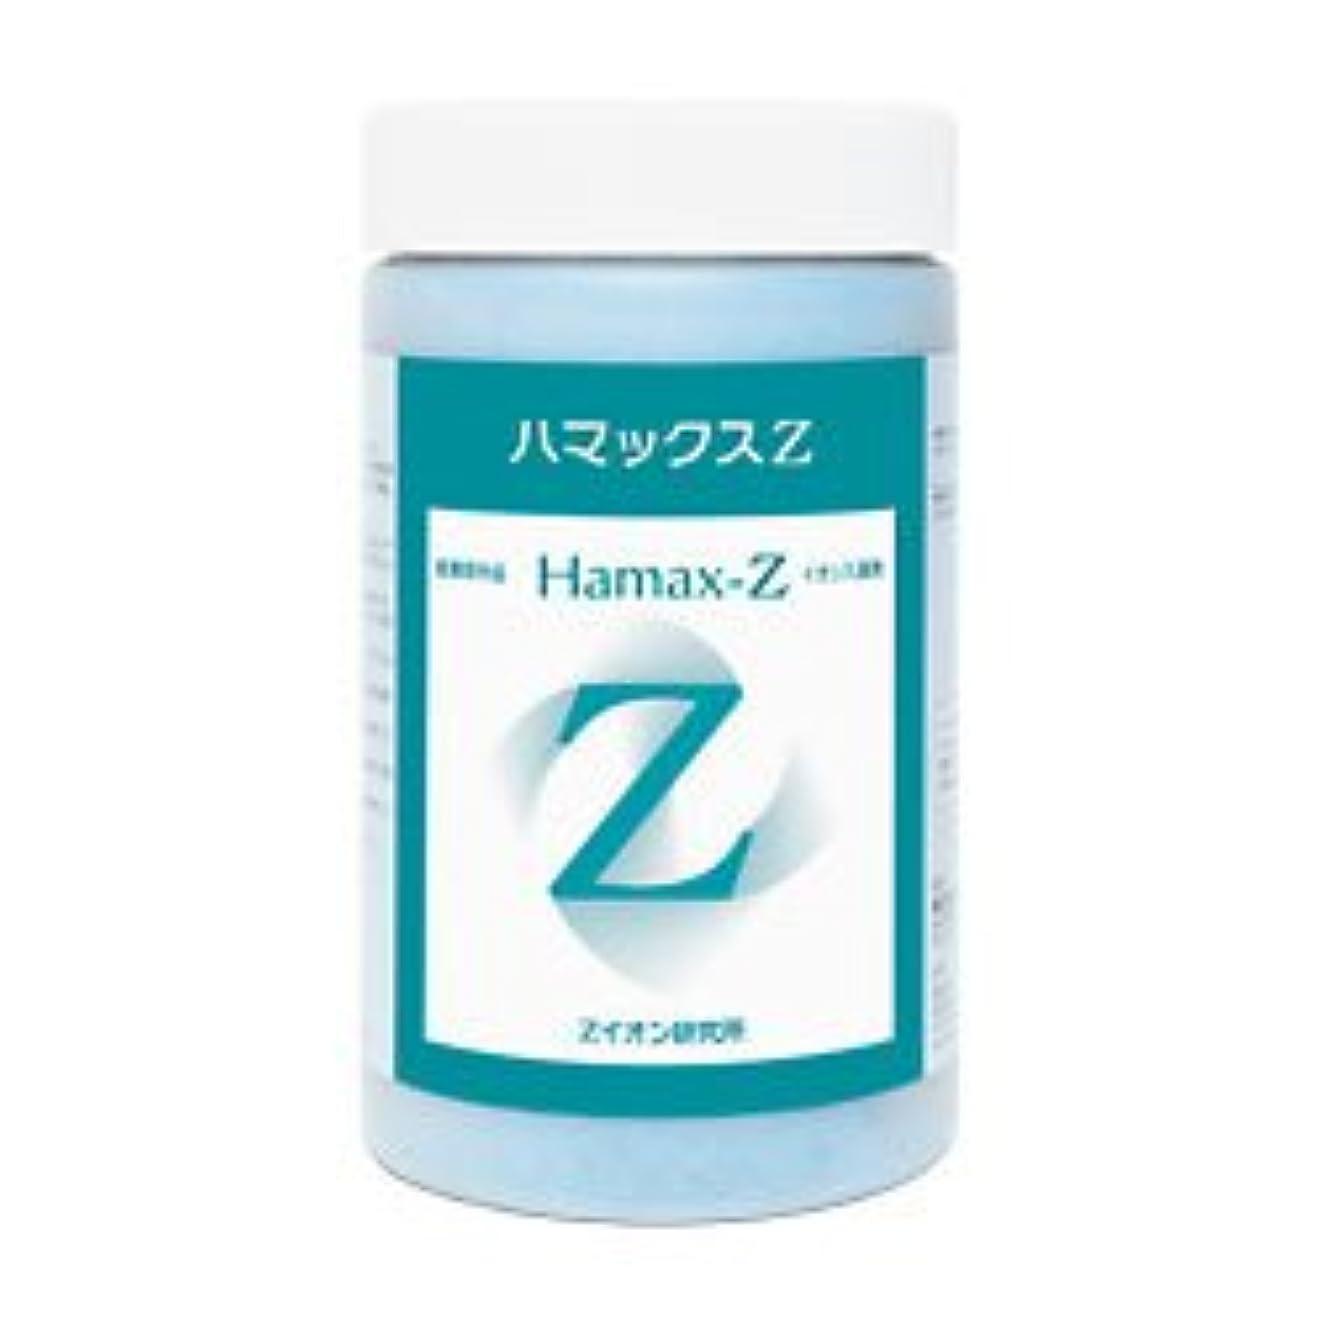 シーフードほかに真剣に医薬部外品 イオン入湯剤ハマックスZ 700g